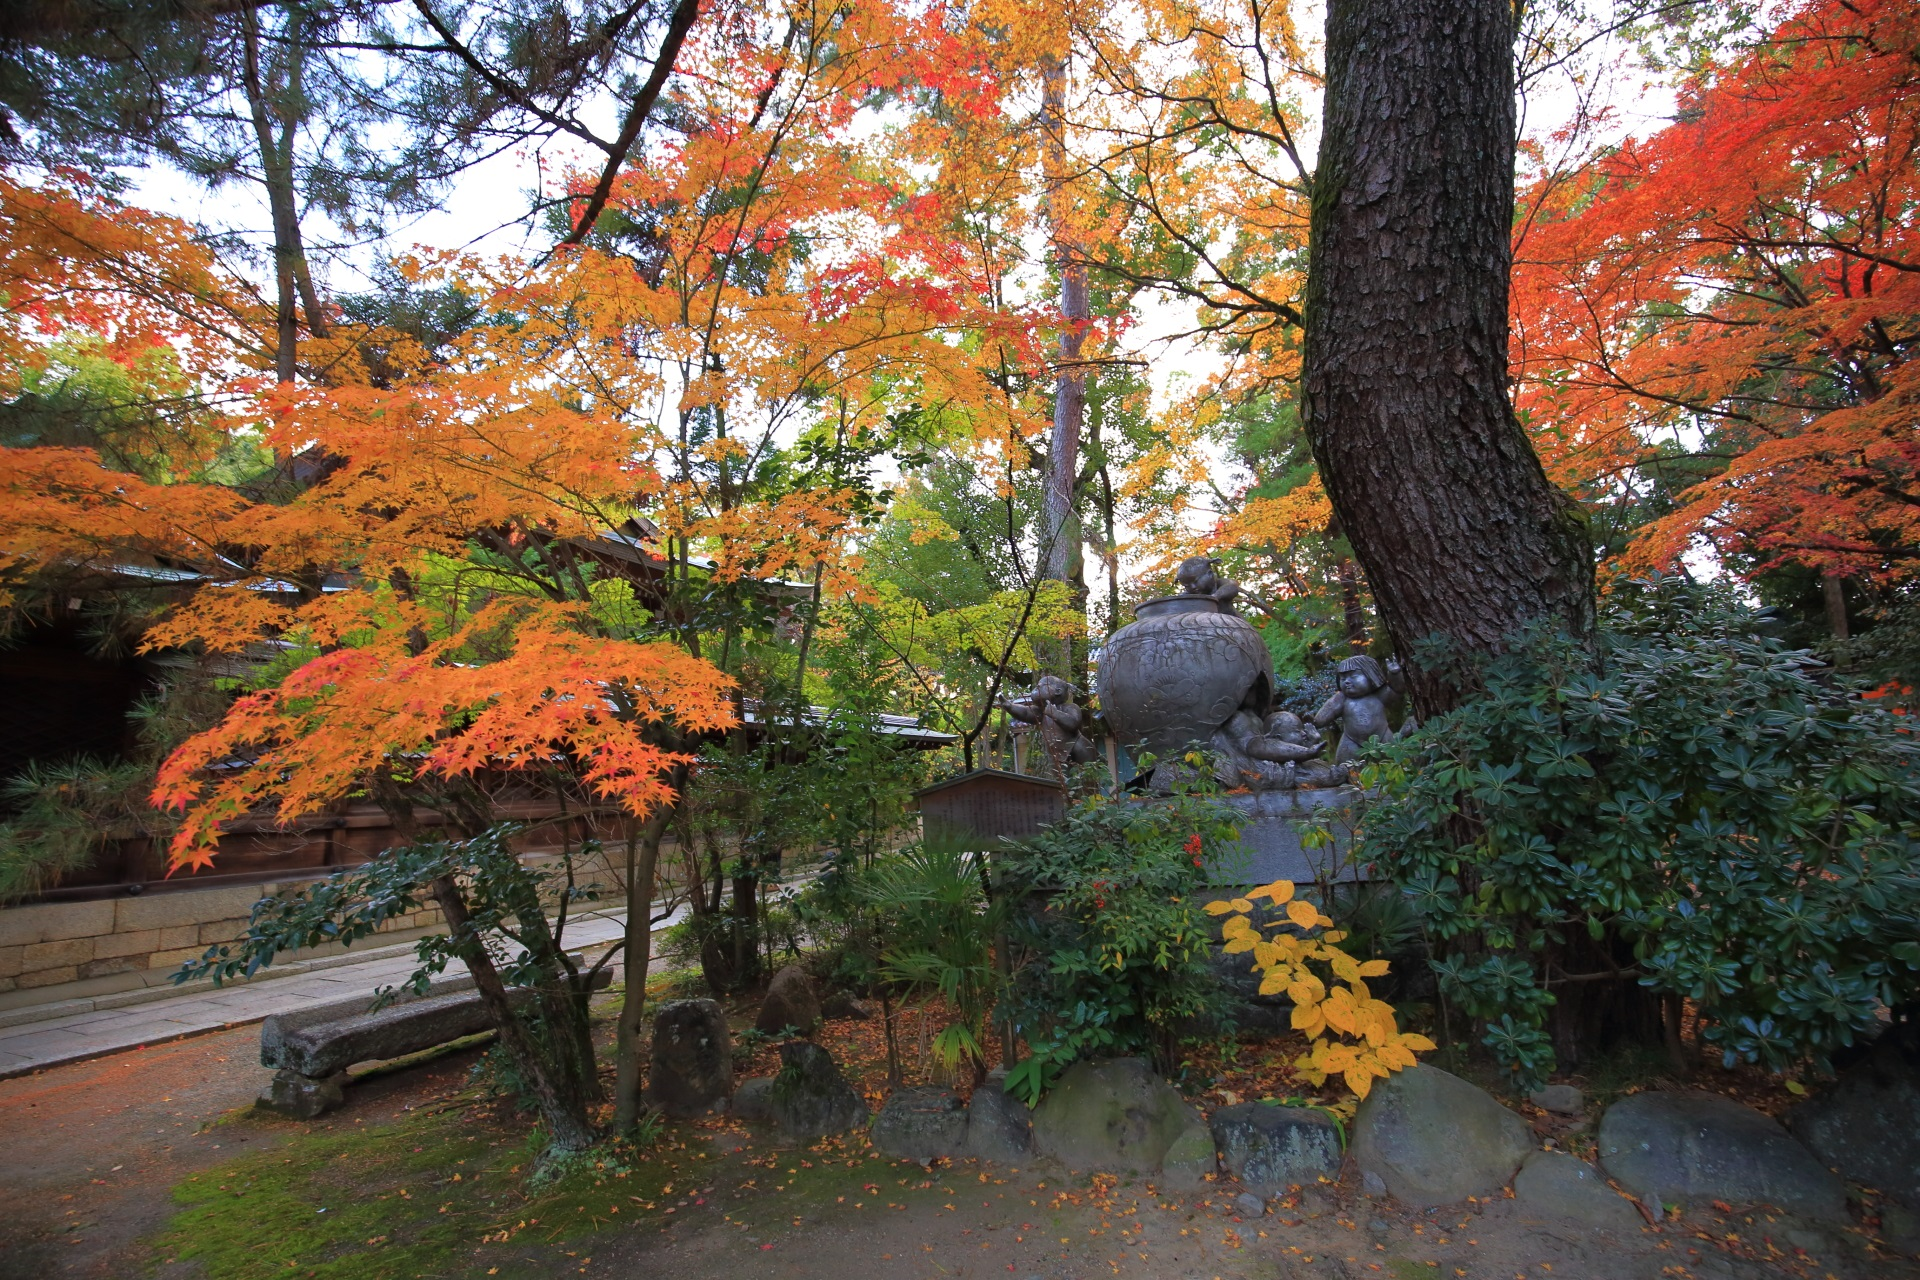 上御霊神社(かみごりょうじんじゃ)の静かで多彩な秋の空間